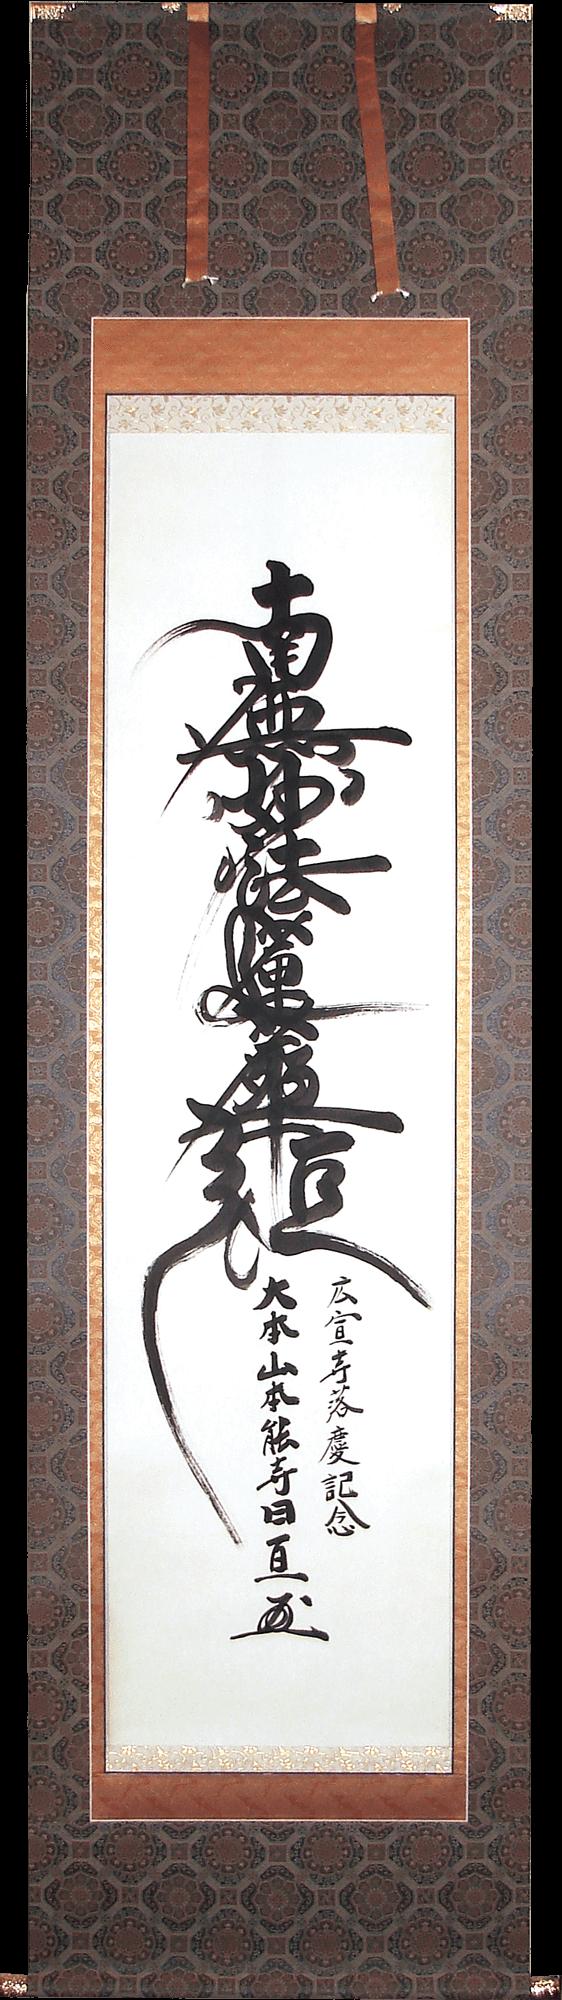 Nichiren Hige Namu Myōhō Renge Kyō Calligraphy kakejiku Scroll